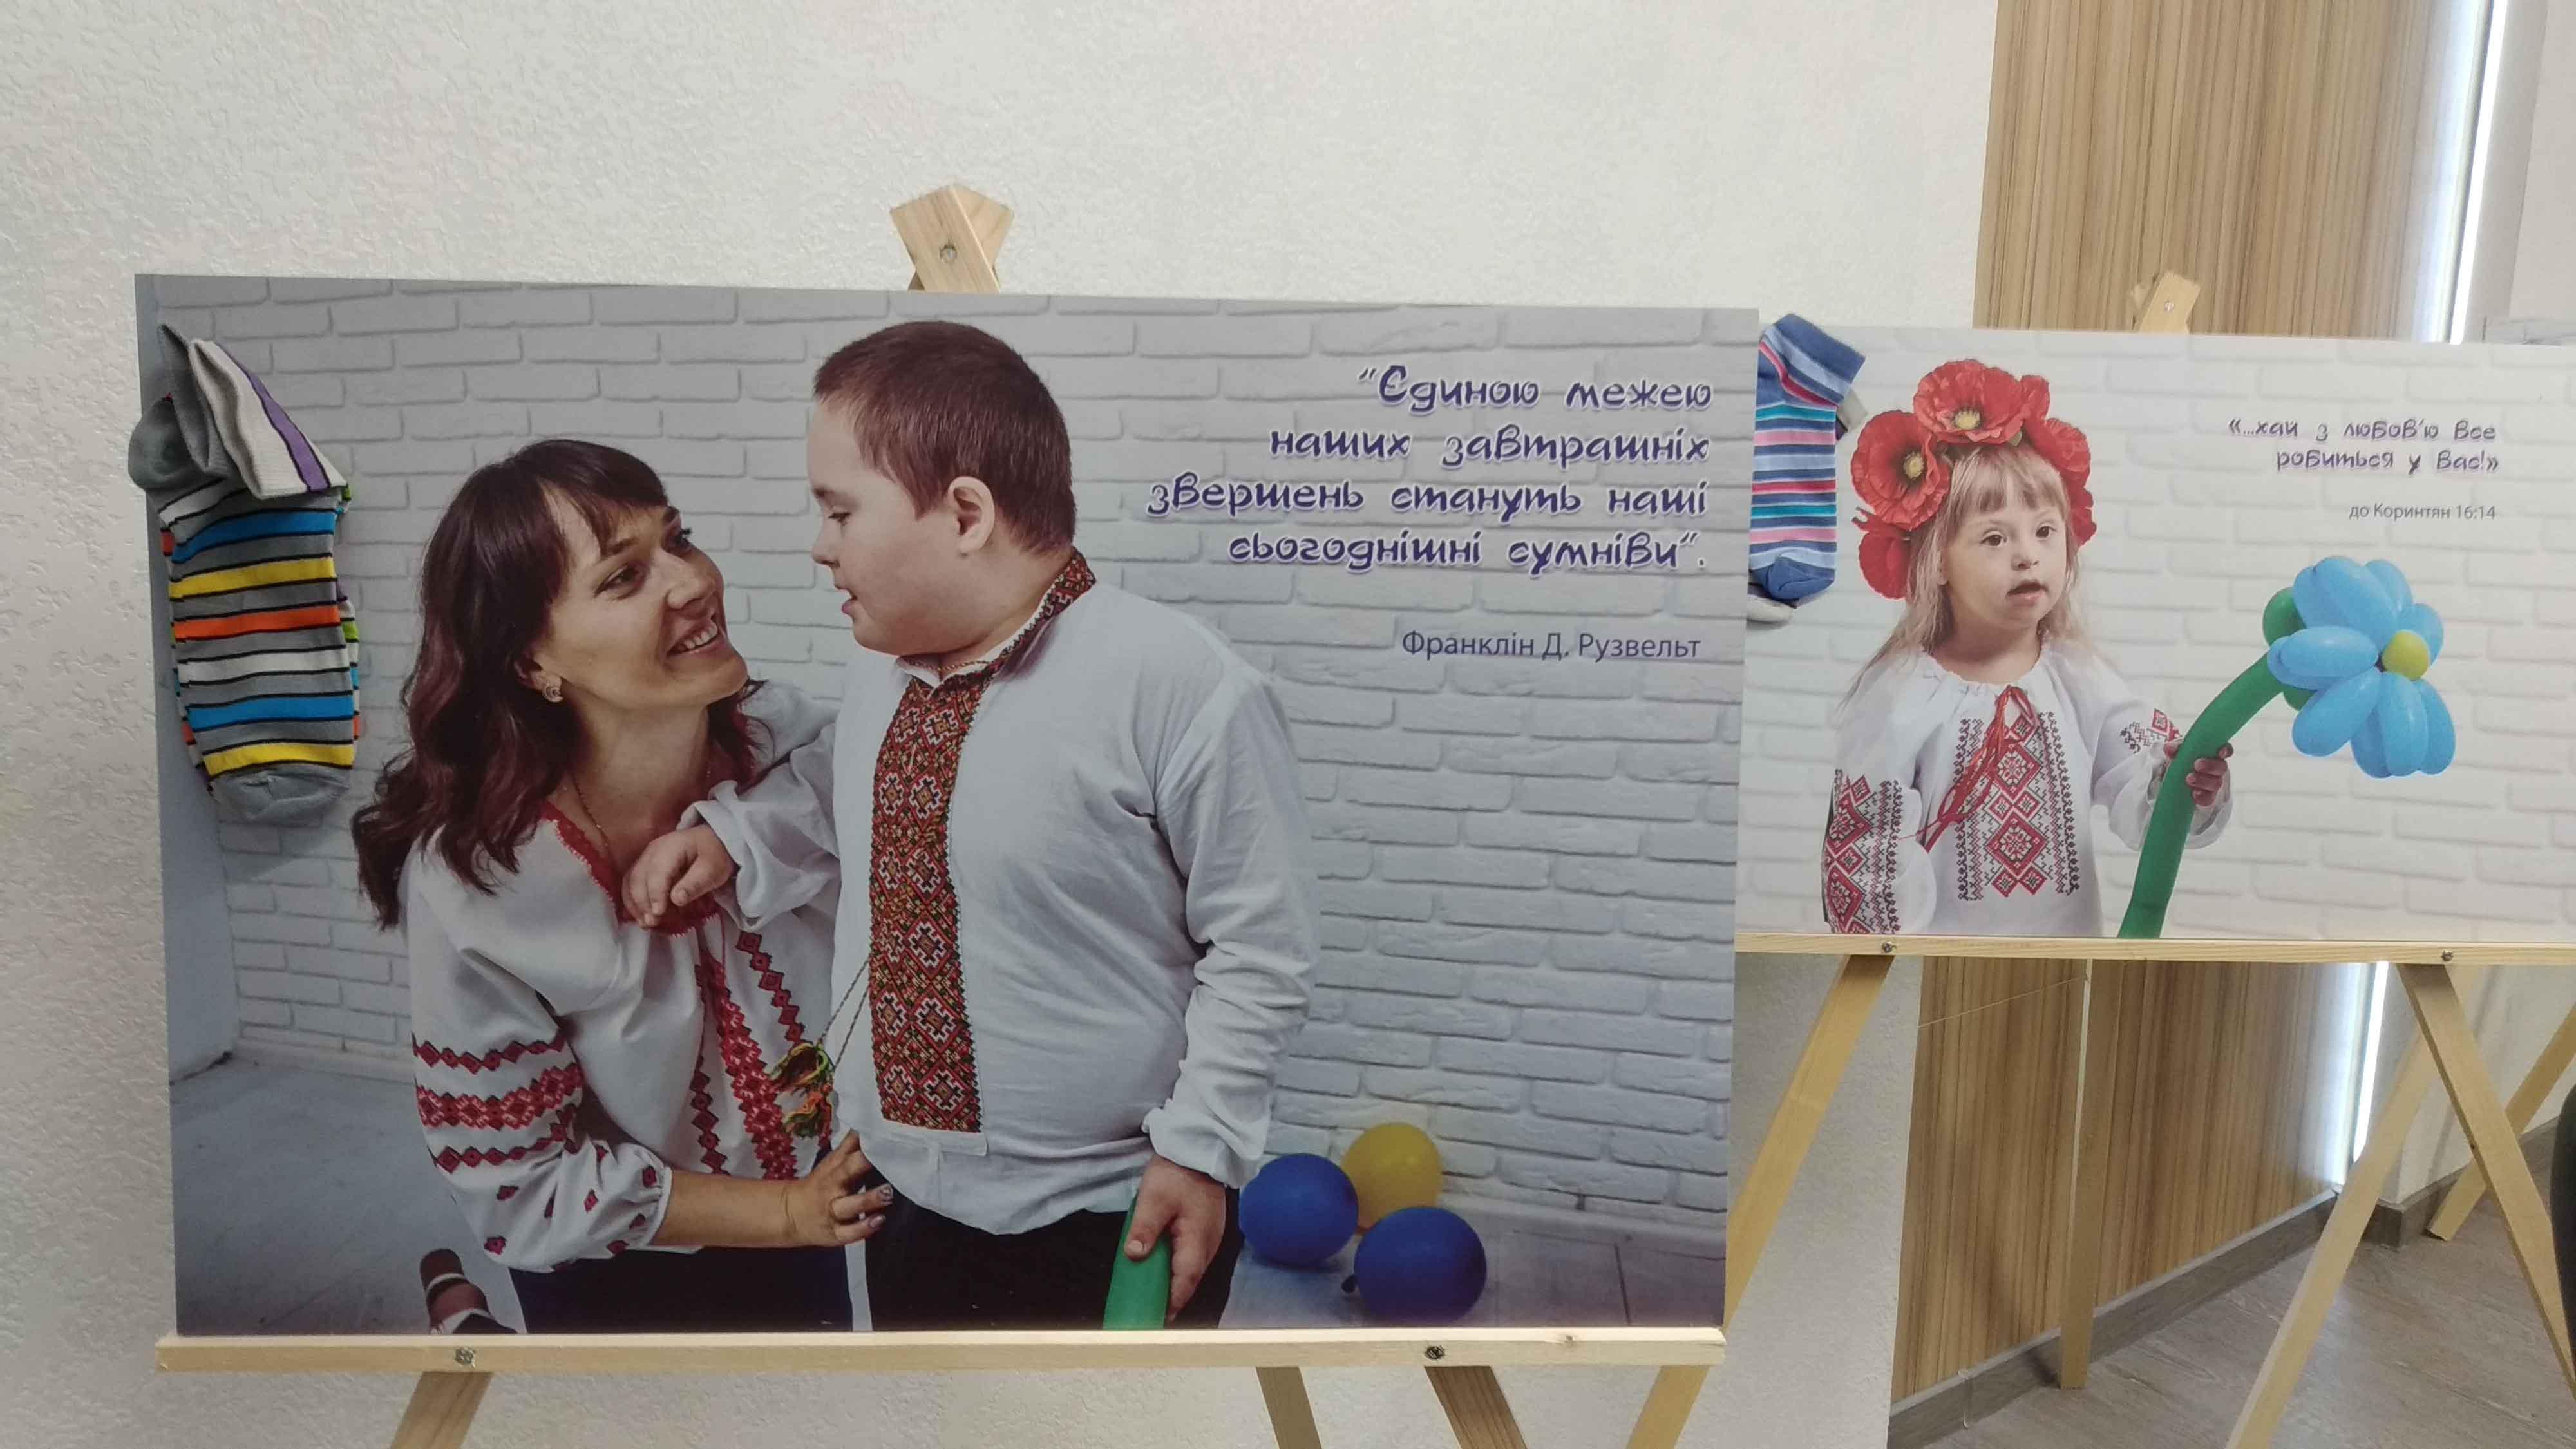 У Франківську випустили абетку для родин, в яких народились сонячні дітки (ФОТО)